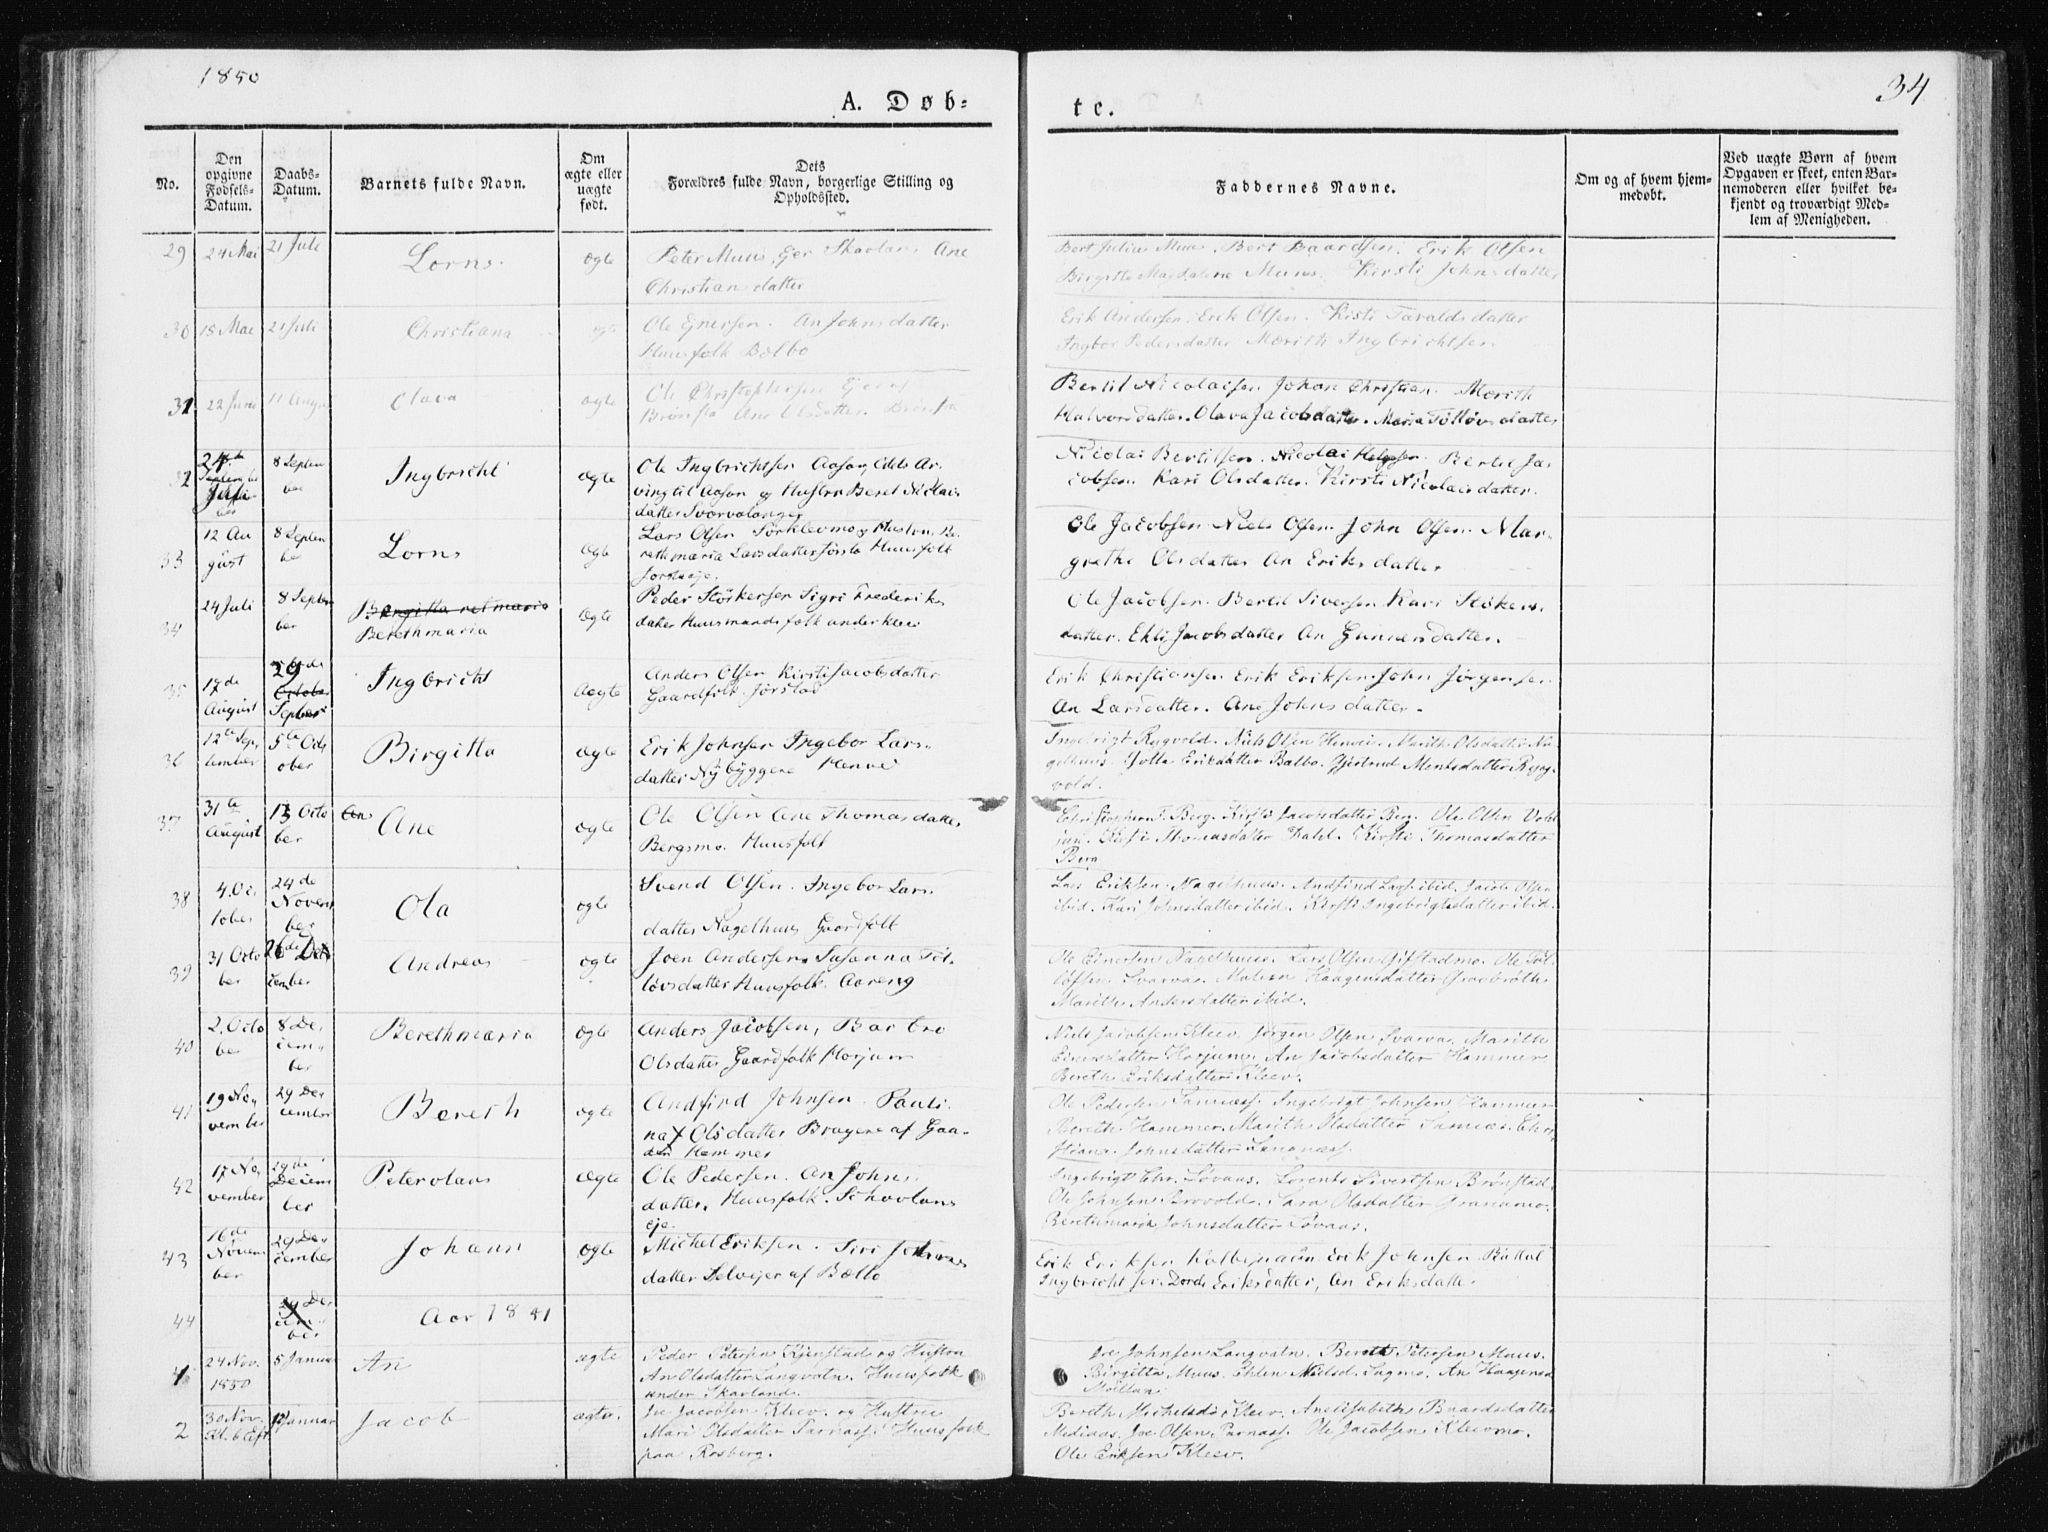 SAT, Ministerialprotokoller, klokkerbøker og fødselsregistre - Nord-Trøndelag, 749/L0470: Ministerialbok nr. 749A04, 1834-1853, s. 34